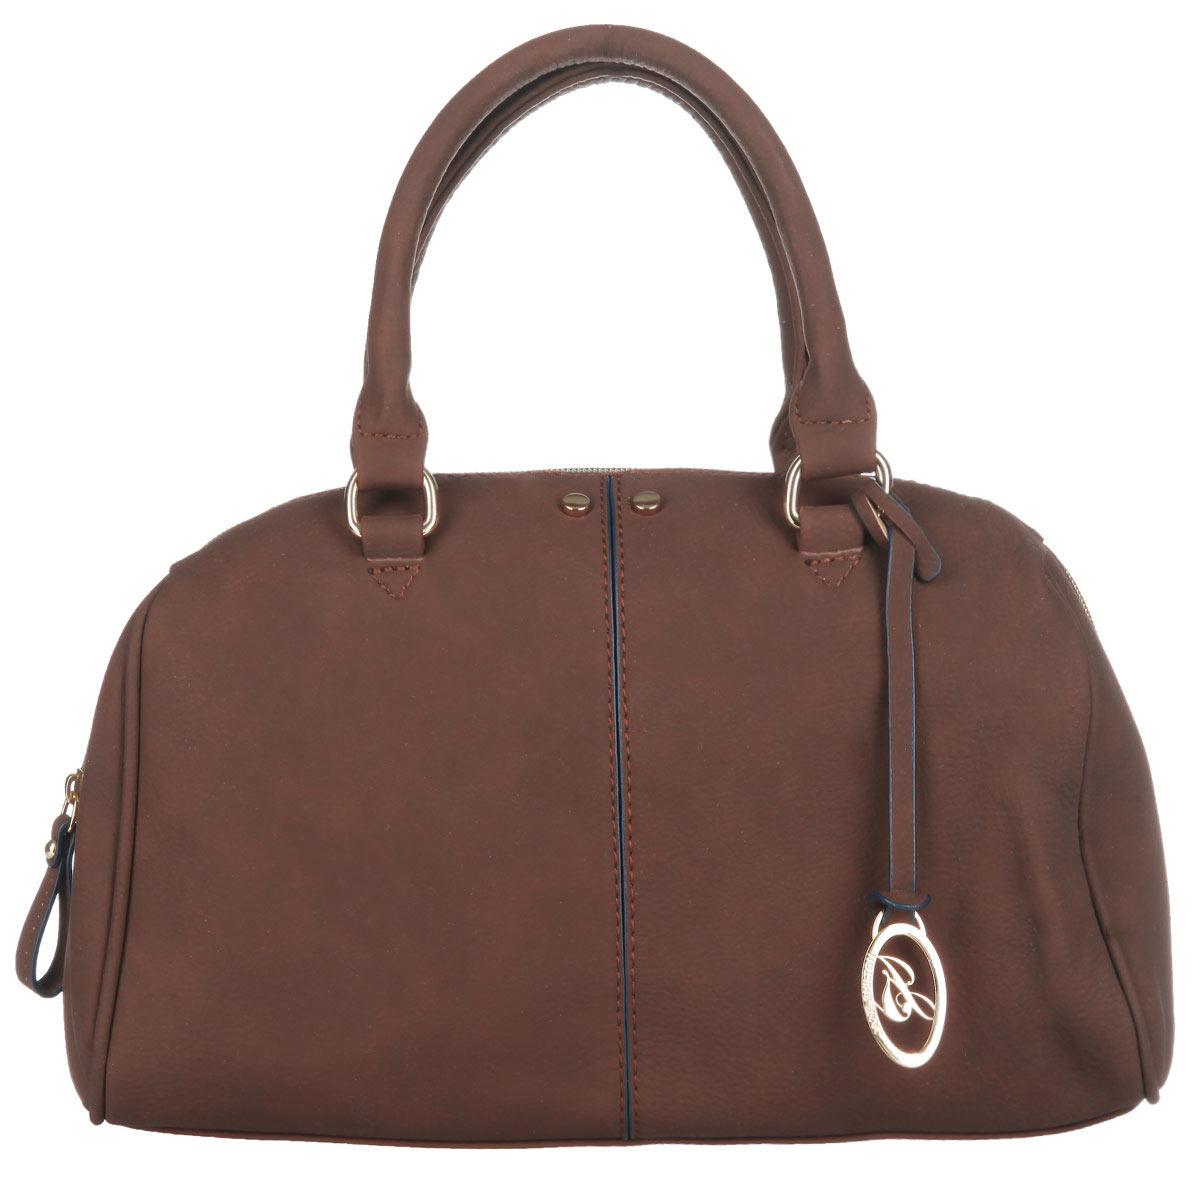 Сумка женская Jane Shilton, цвет: светло-коричневый. 19341934lt_brСтильная сумка Jane Shilton выполнена из искусственной кожи с зернистой фактурой, оформлена металлической фурнитурой и подвеской с символикой бренда. Сумка содержит одно отделение, которое закрывается на застежку-молнию. Внутри изделия расположены: врезной карман на застежке-молнии и три накладных кармана, один из которых закрывается на кнопку, а другой на молнию. Снаружи, на задней стороне, размещен врезной карман на молнии. Изделие оснащено съемным плечевым ремнем и двумя практичными ручками, которые позволят носить сумку, как в руках, так и на плече. Оригинальный аксессуар позволит вам завершить образ и быть неотразимой.